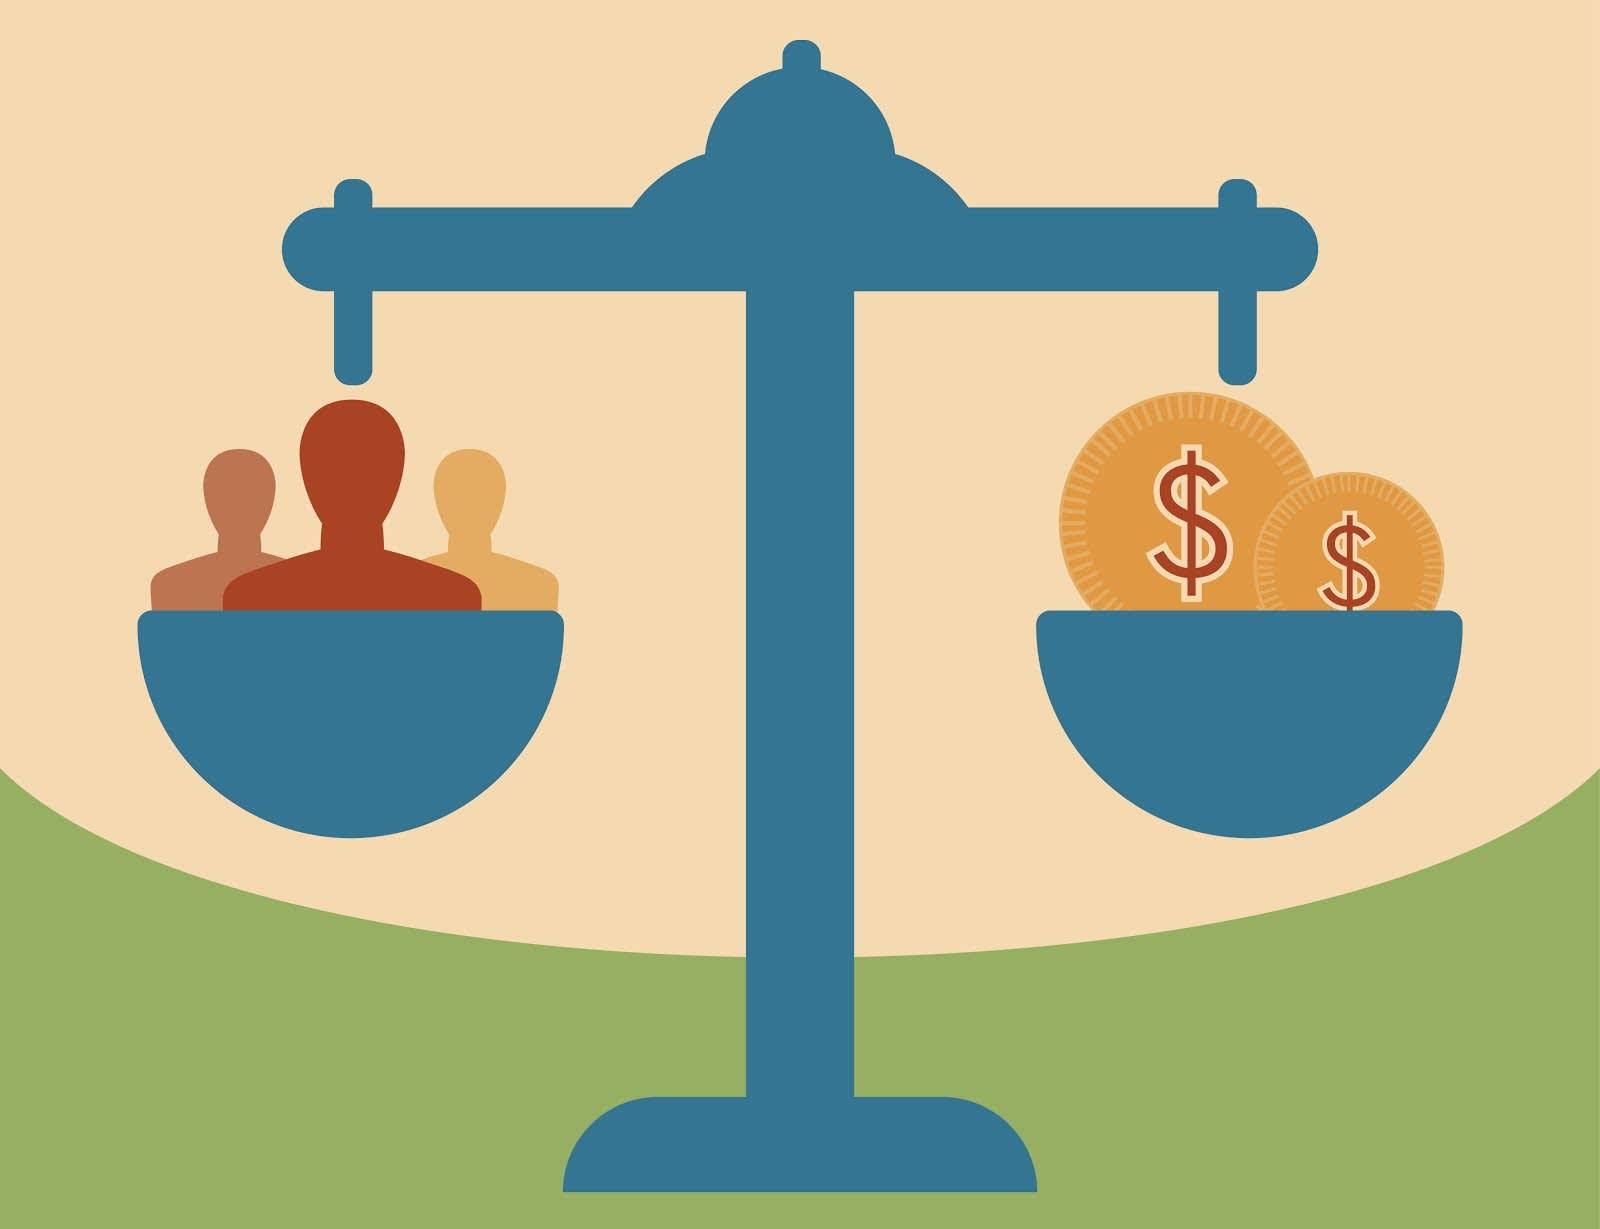 Uma balança com pessoas de um lado e dinheiro do outro representando o Salesforce Billing, que permite que as equipes do financeiro equilibrem suas obrigações com a empresa em si e com seus clientes.